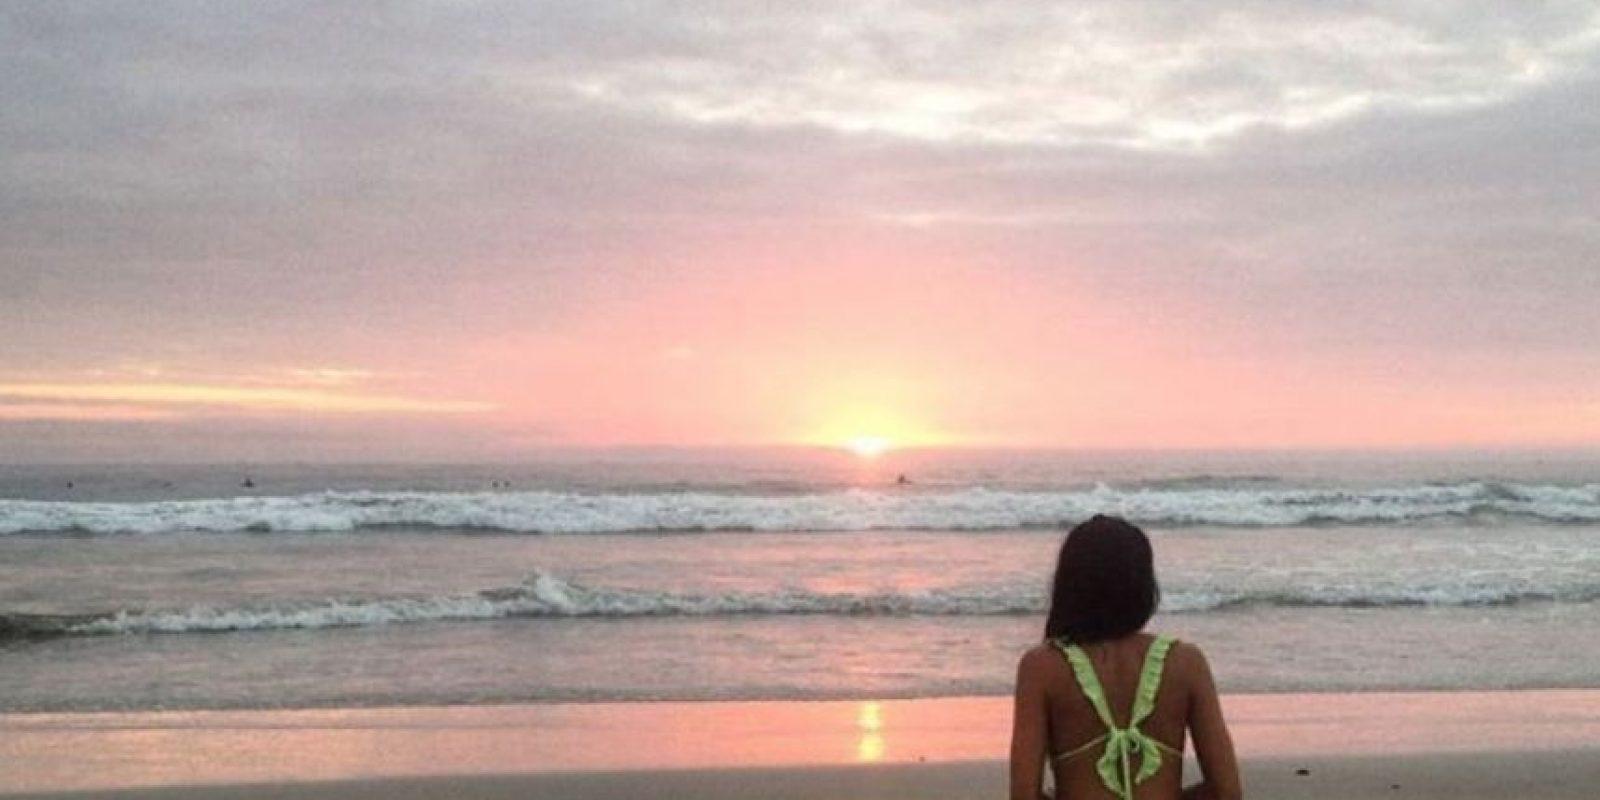 Después de conocer la noticia cientos de mensajes de despedida y aliento a las familias de las dos chicas fueron compartidos en distintas redes sociales. Foto: instagram.com/mariajose.coni/